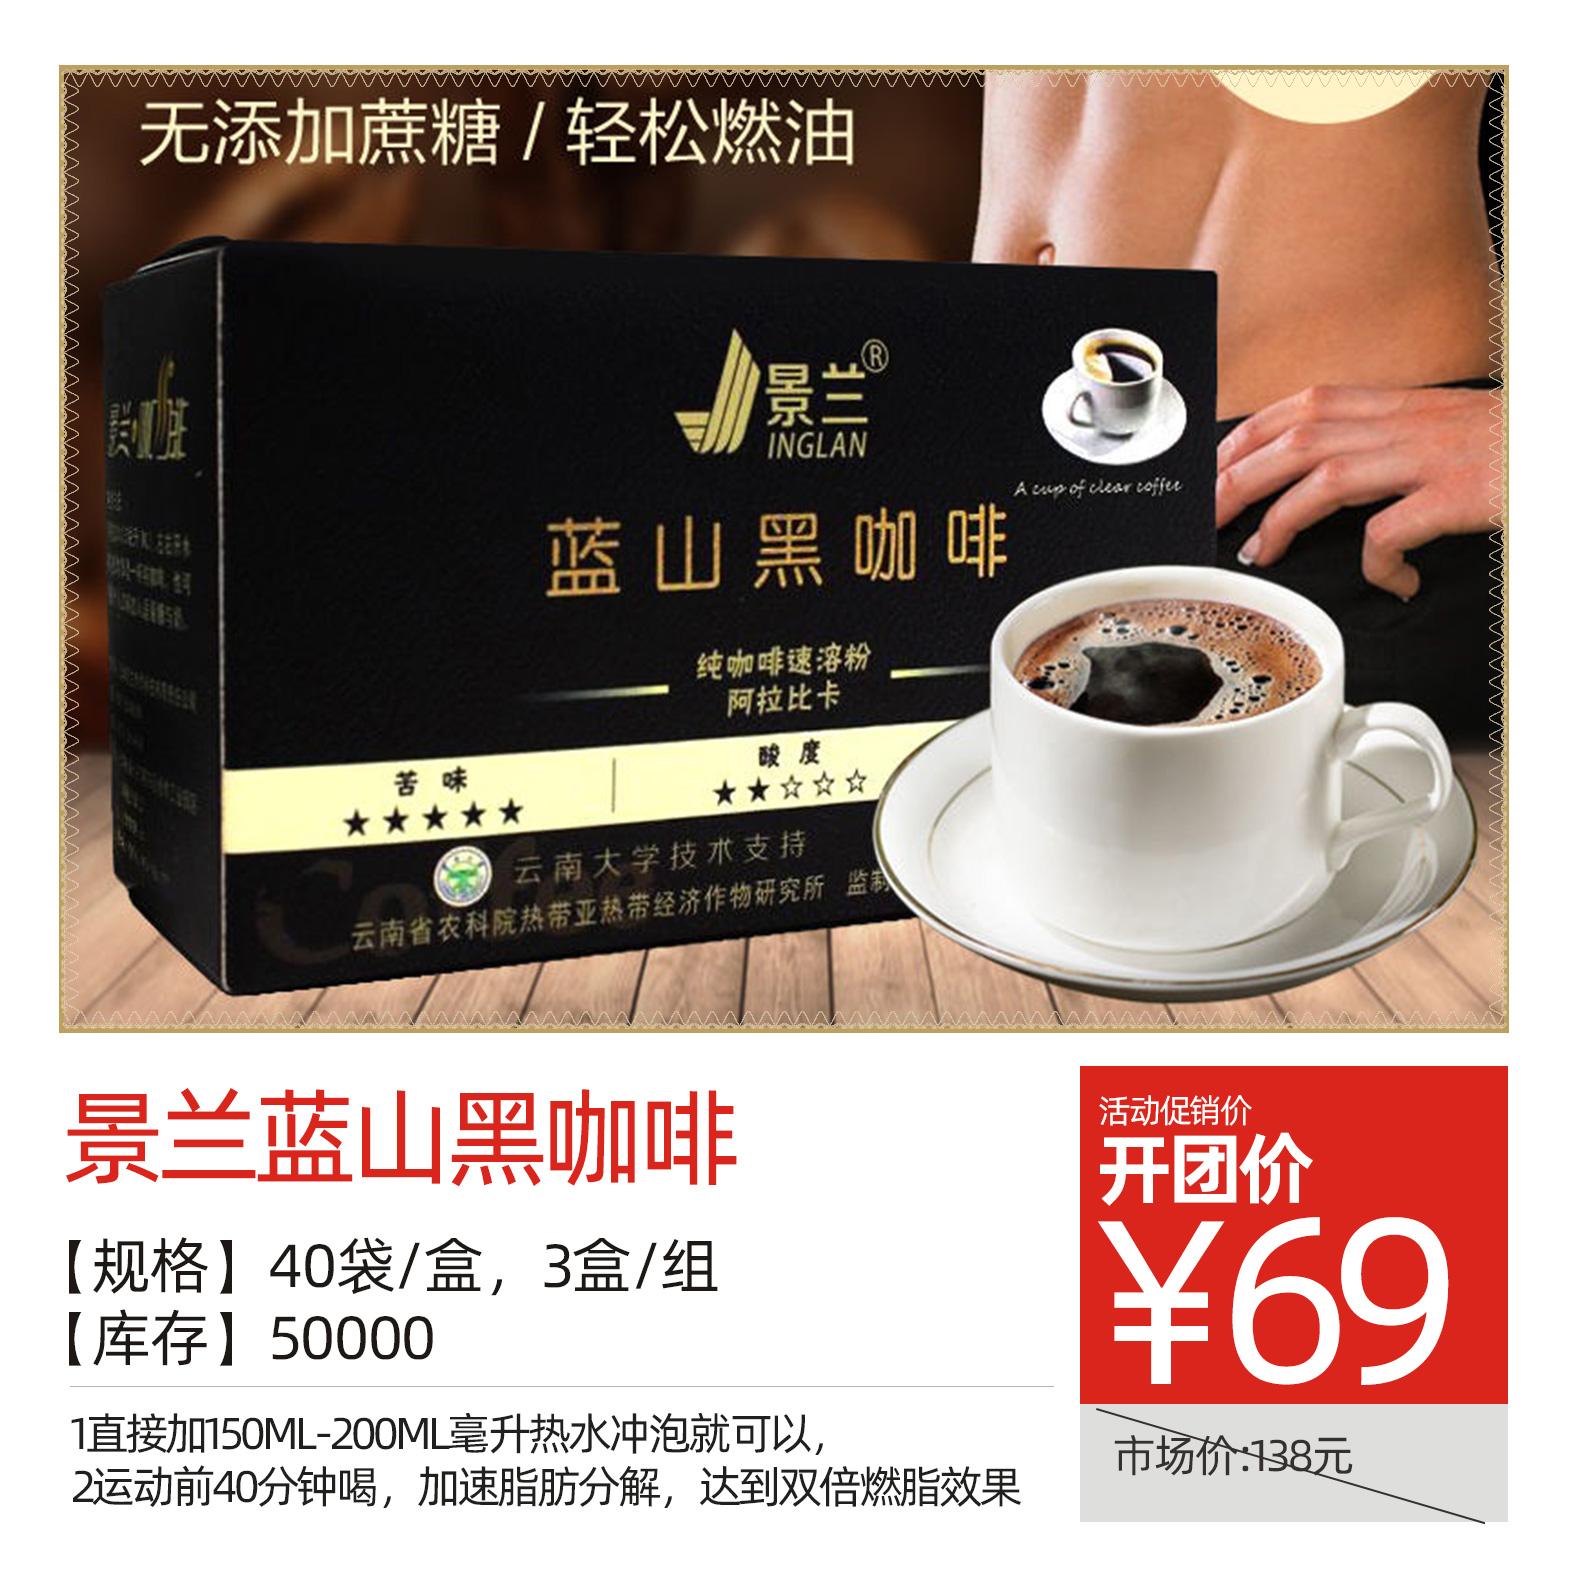 景兰蓝山黑咖啡